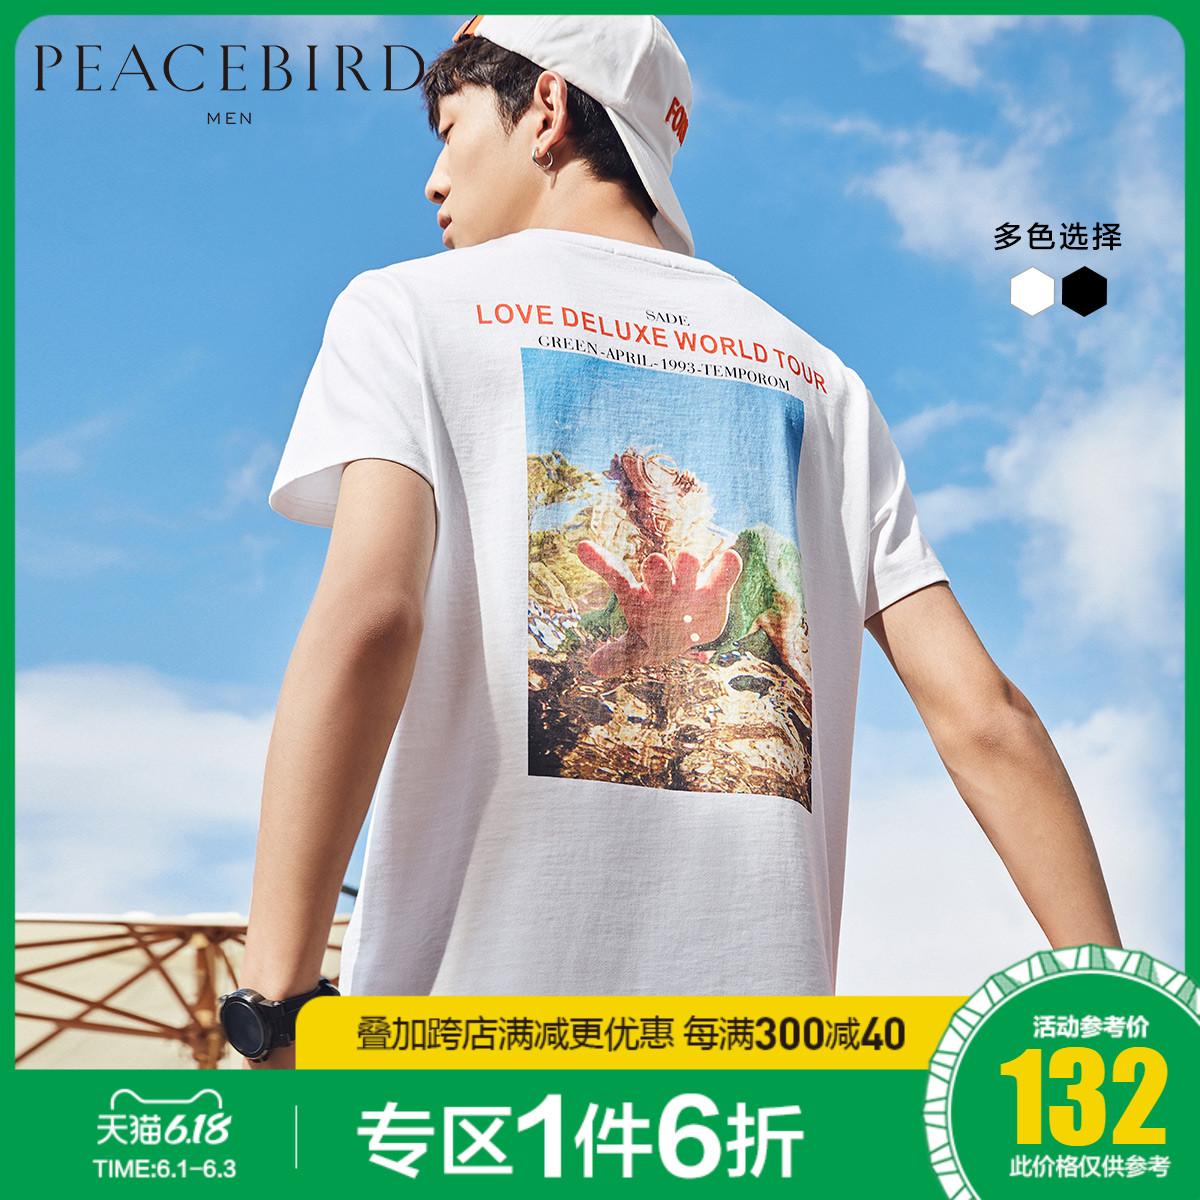 太平鸟男装 夏新品短袖T恤男潮流韩版透气体恤气流纺潮牌印花夏装